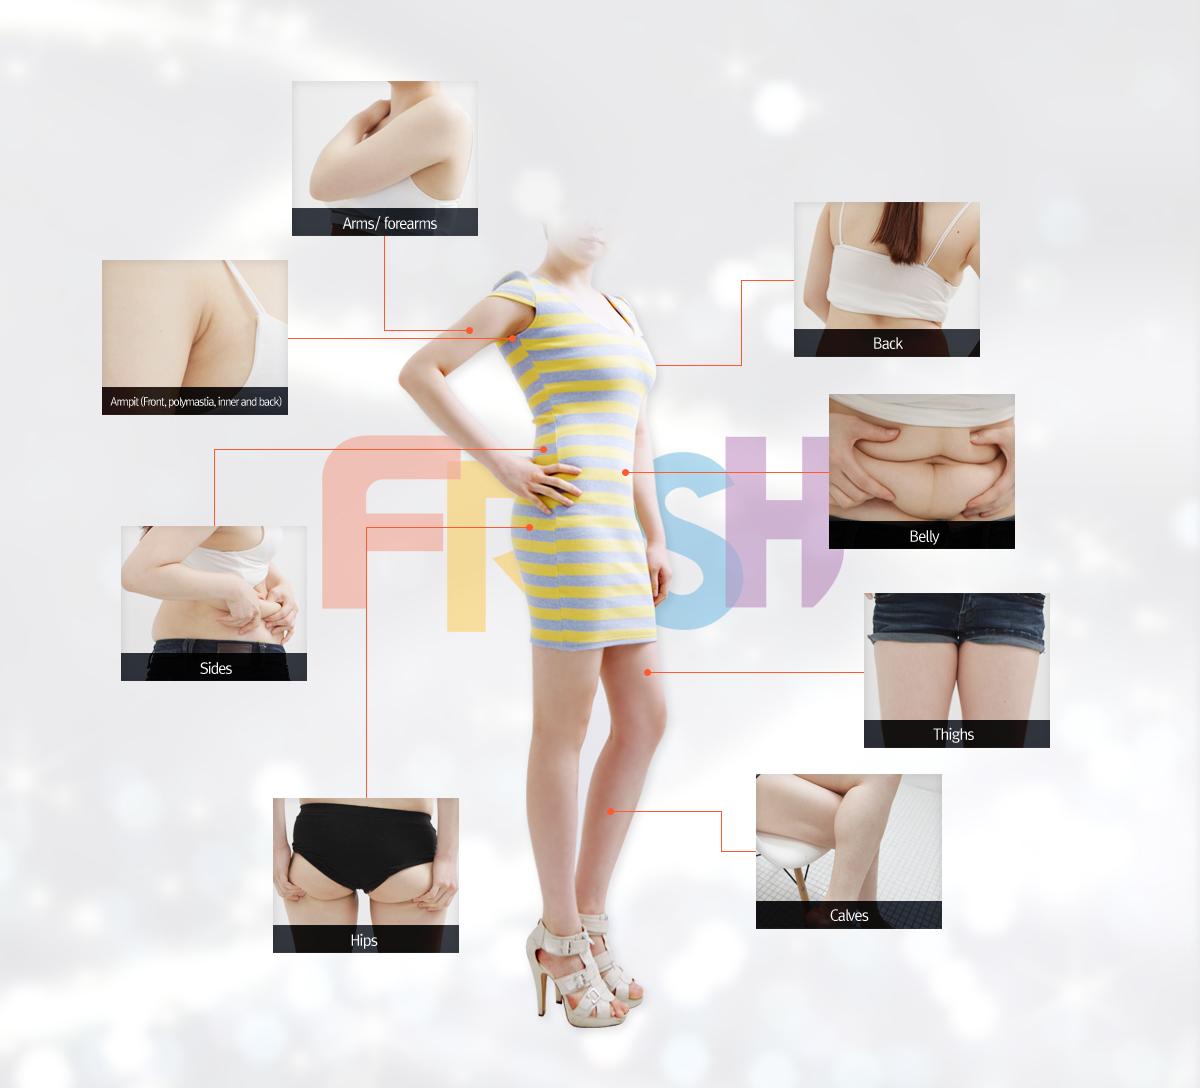 full body liposuction